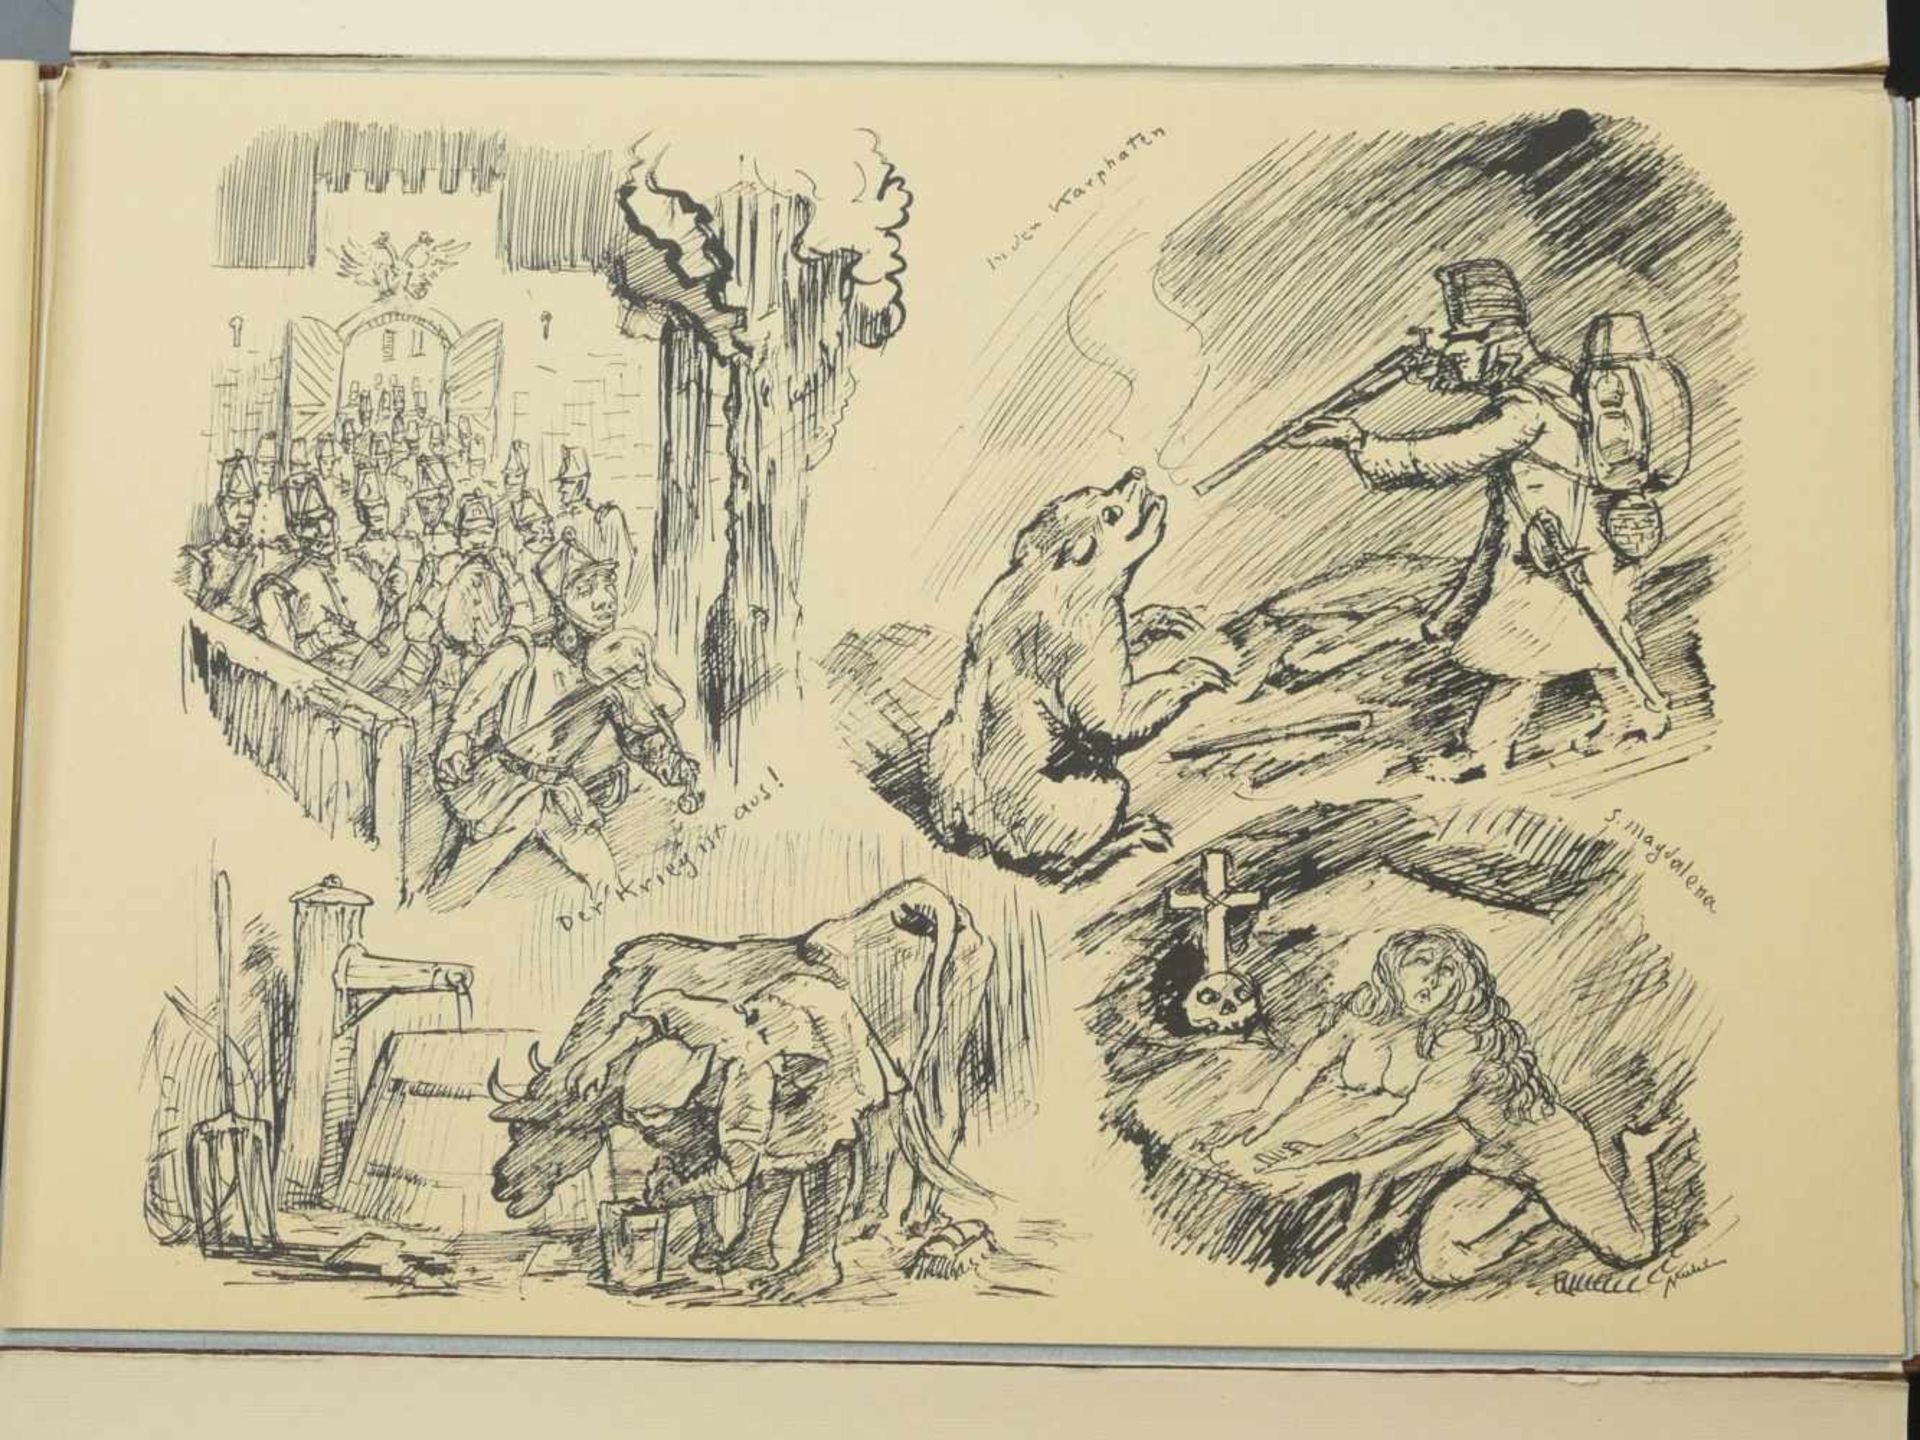 Los 49 - Kubin, Alfred (1877-1959) - Orbis Pictus Grafikmappe 1930 259/300Werk leider nicht vollständig.